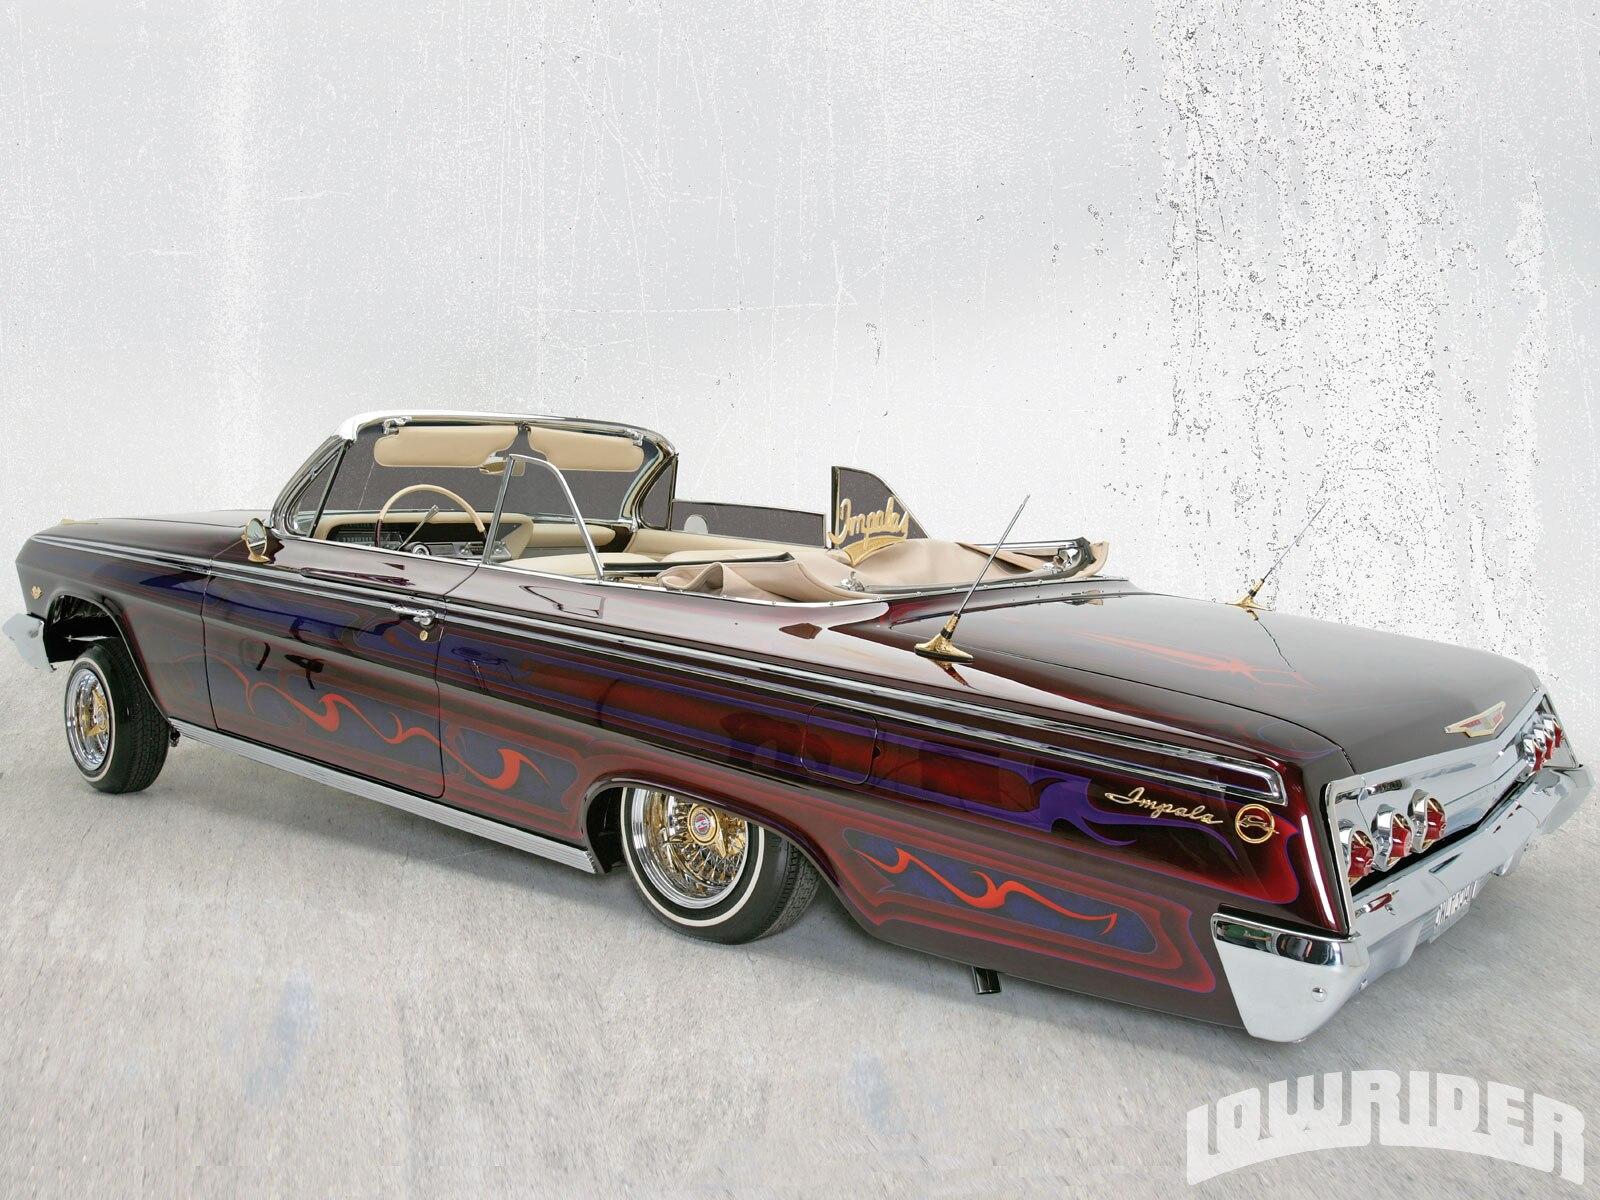 1009-lrmp-09-z-1962-chevrolet-impala-convertible-driver-side-rear-view2